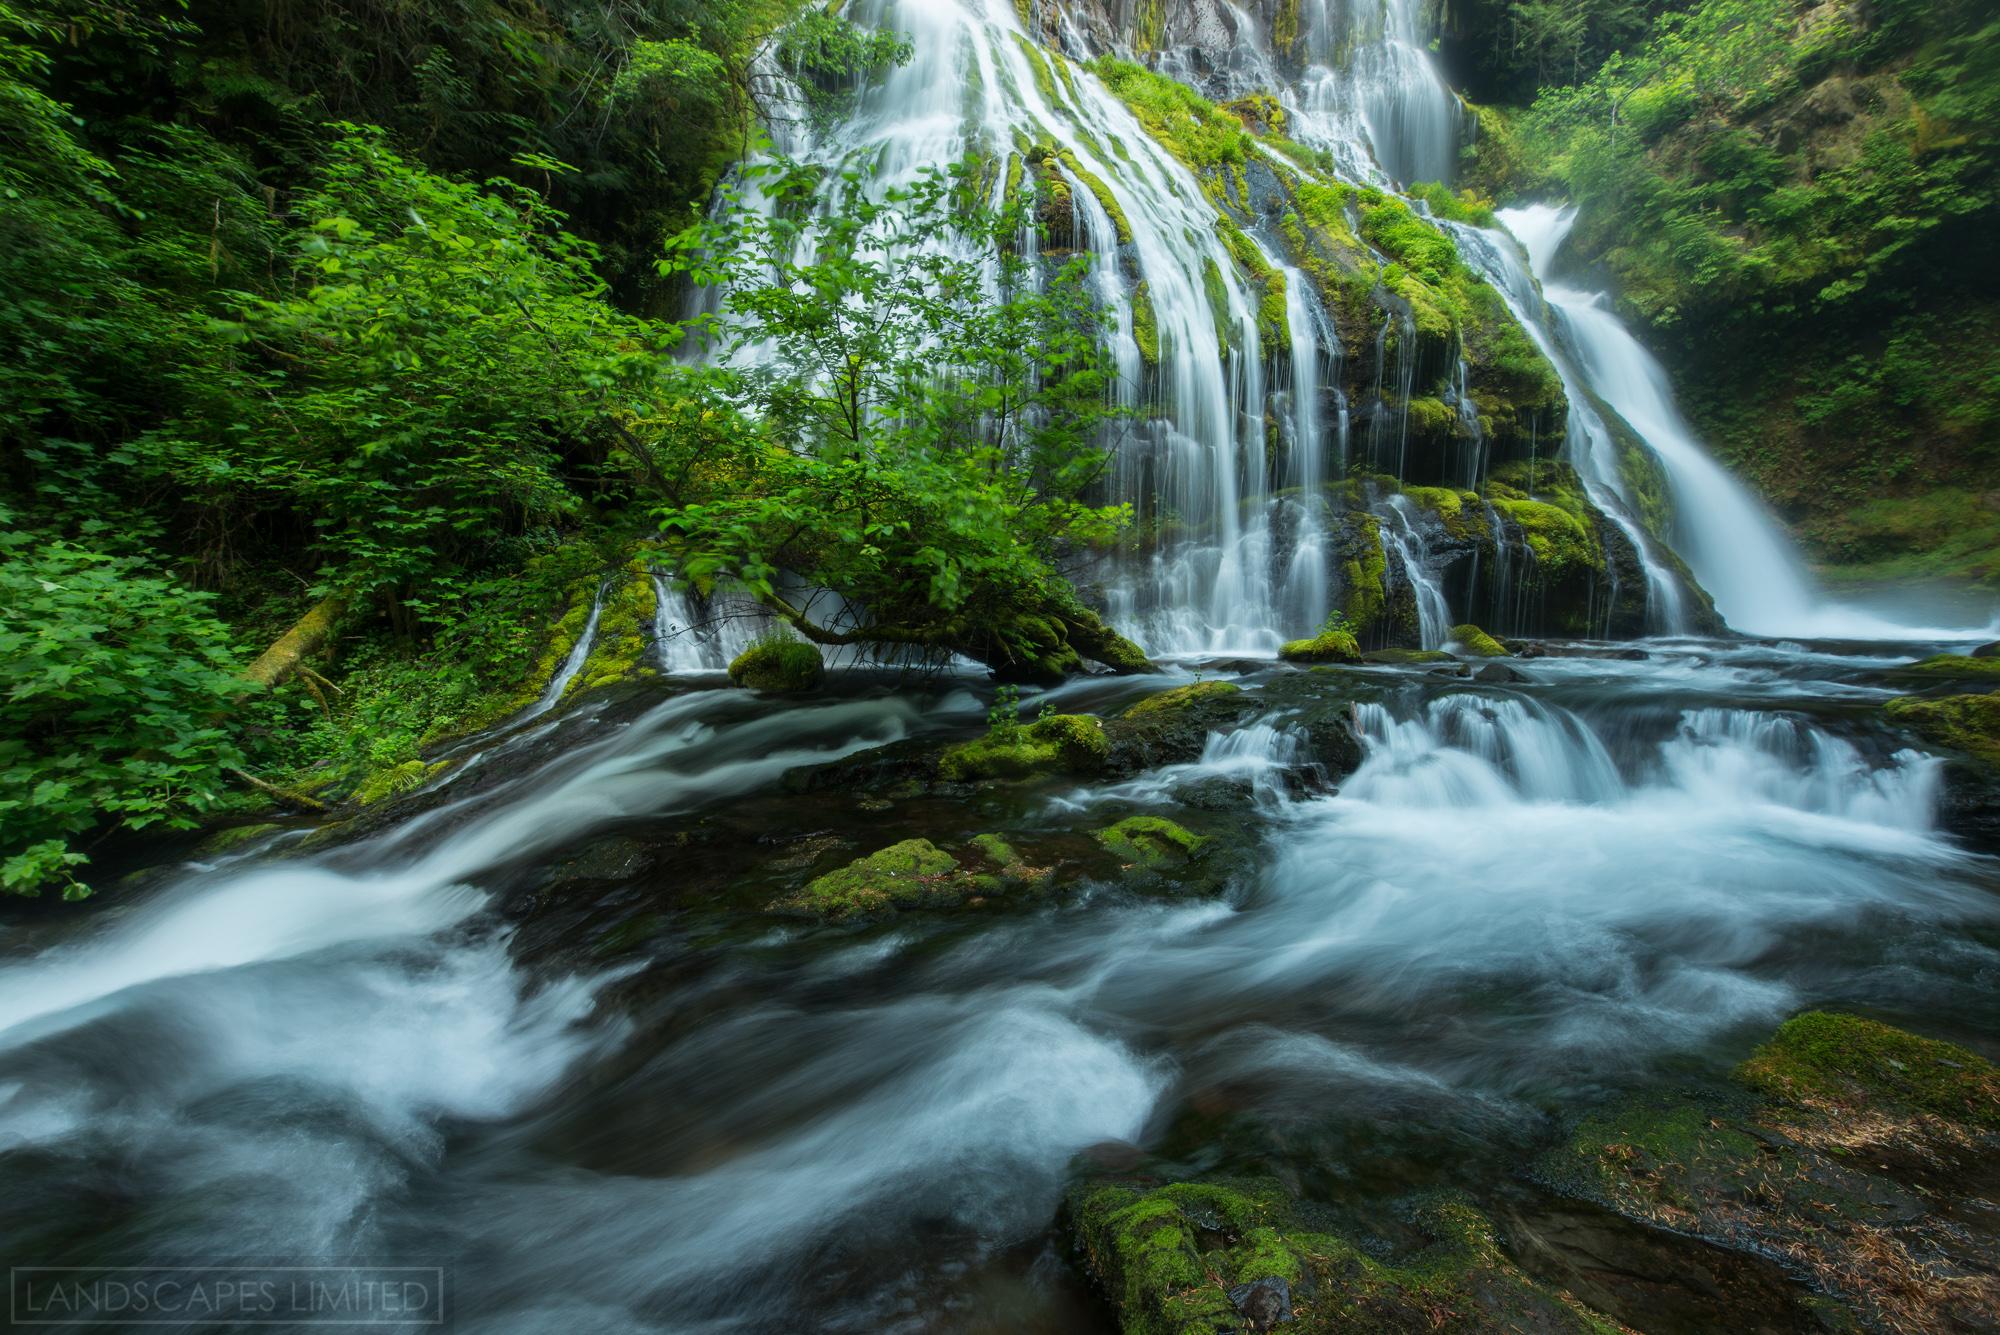 Panther Creek Flow